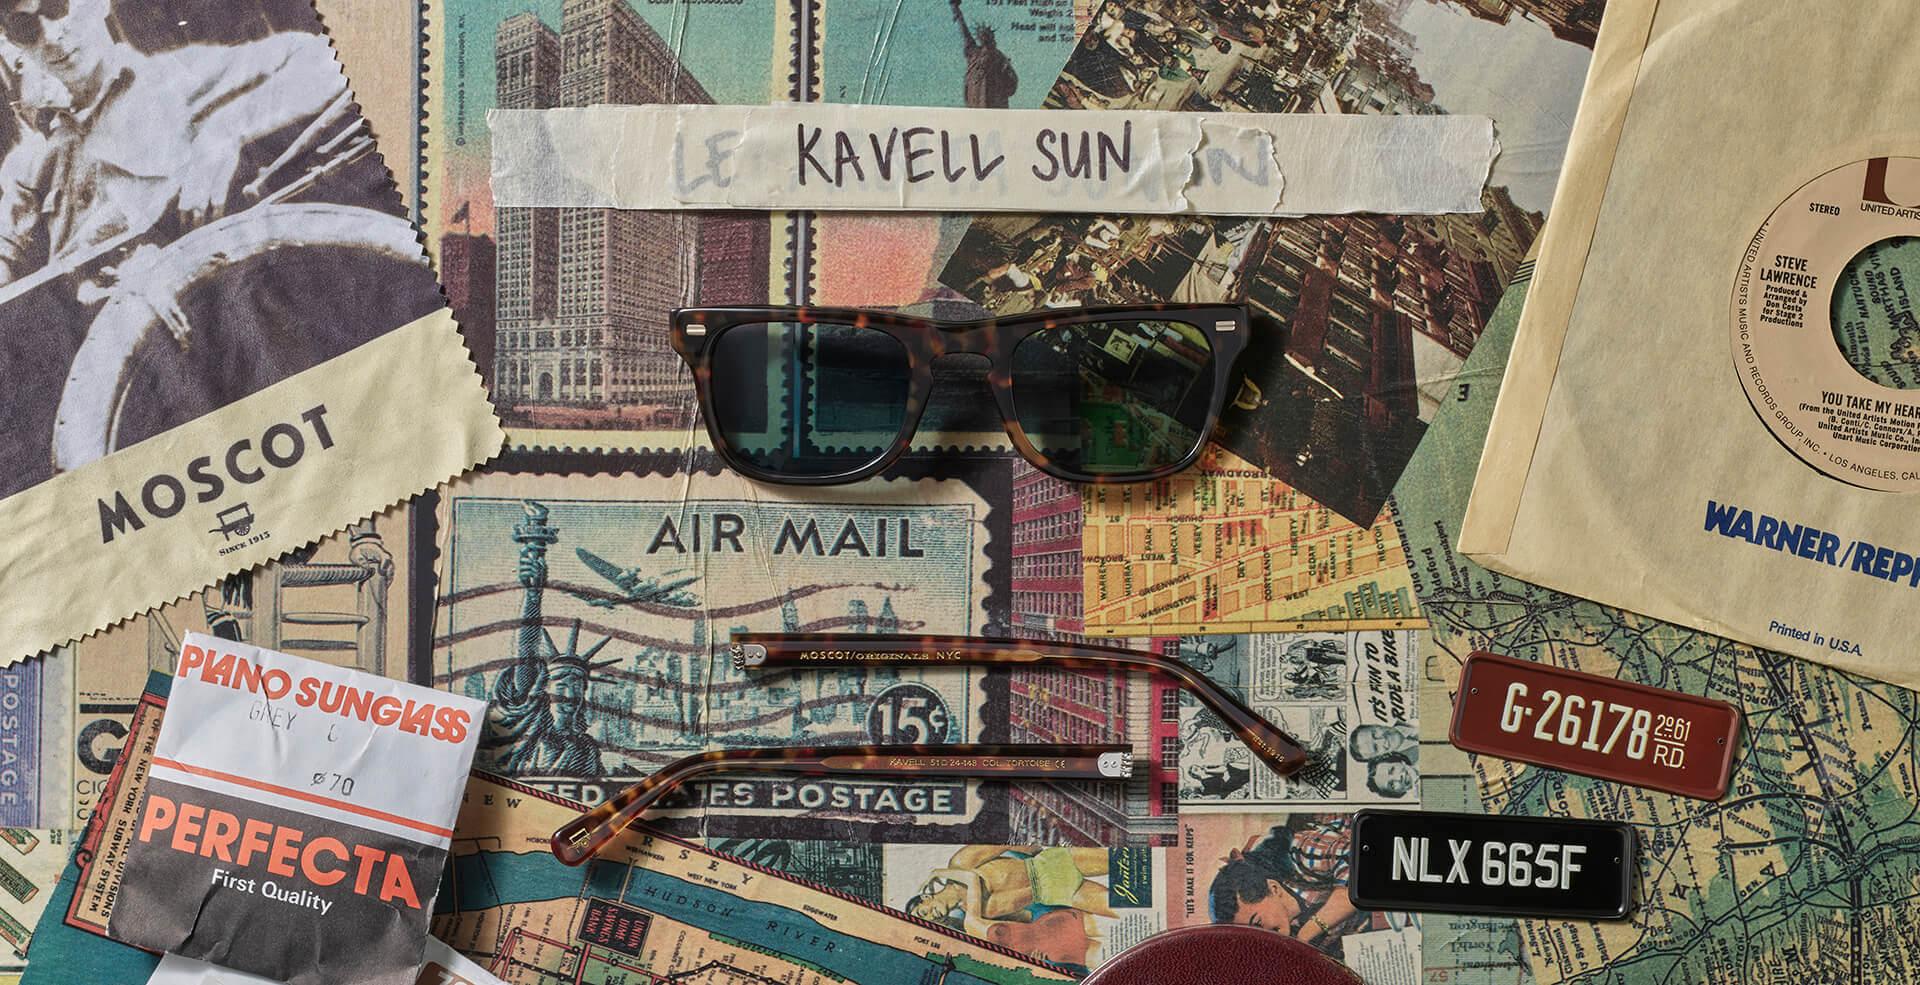 Disassembled KAVELL SUN frame